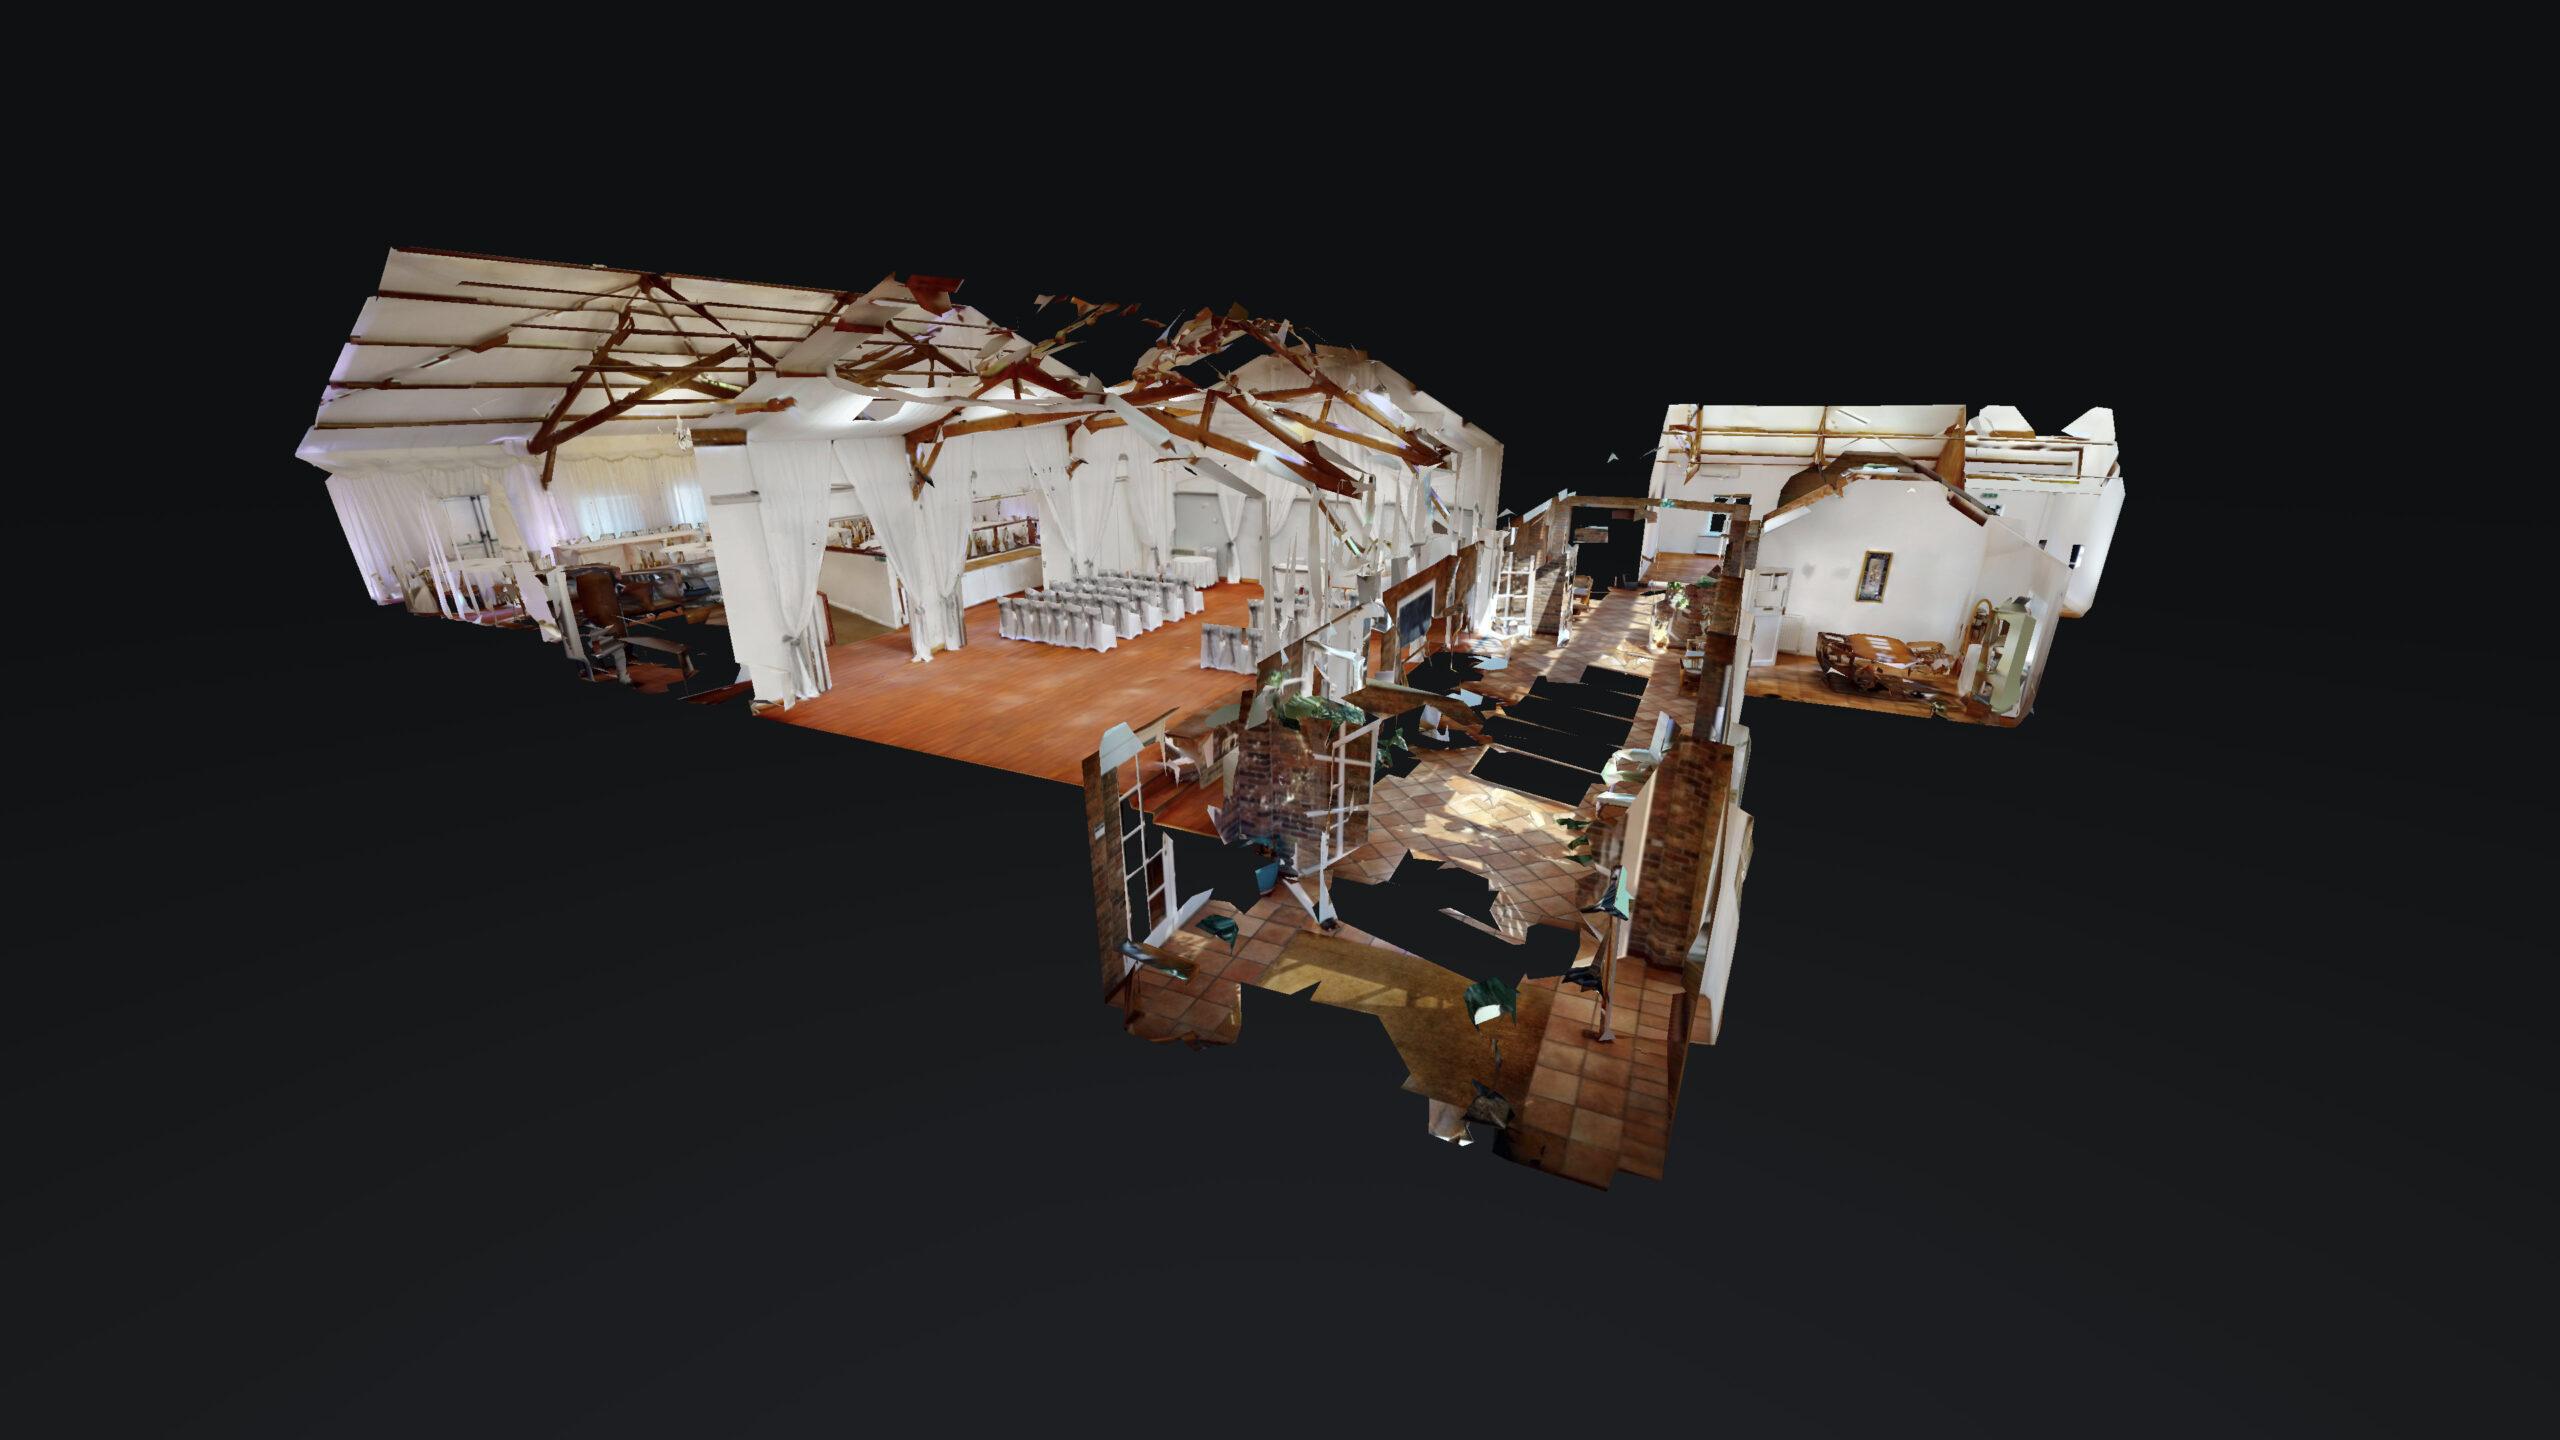 3D Virtual Venue Model